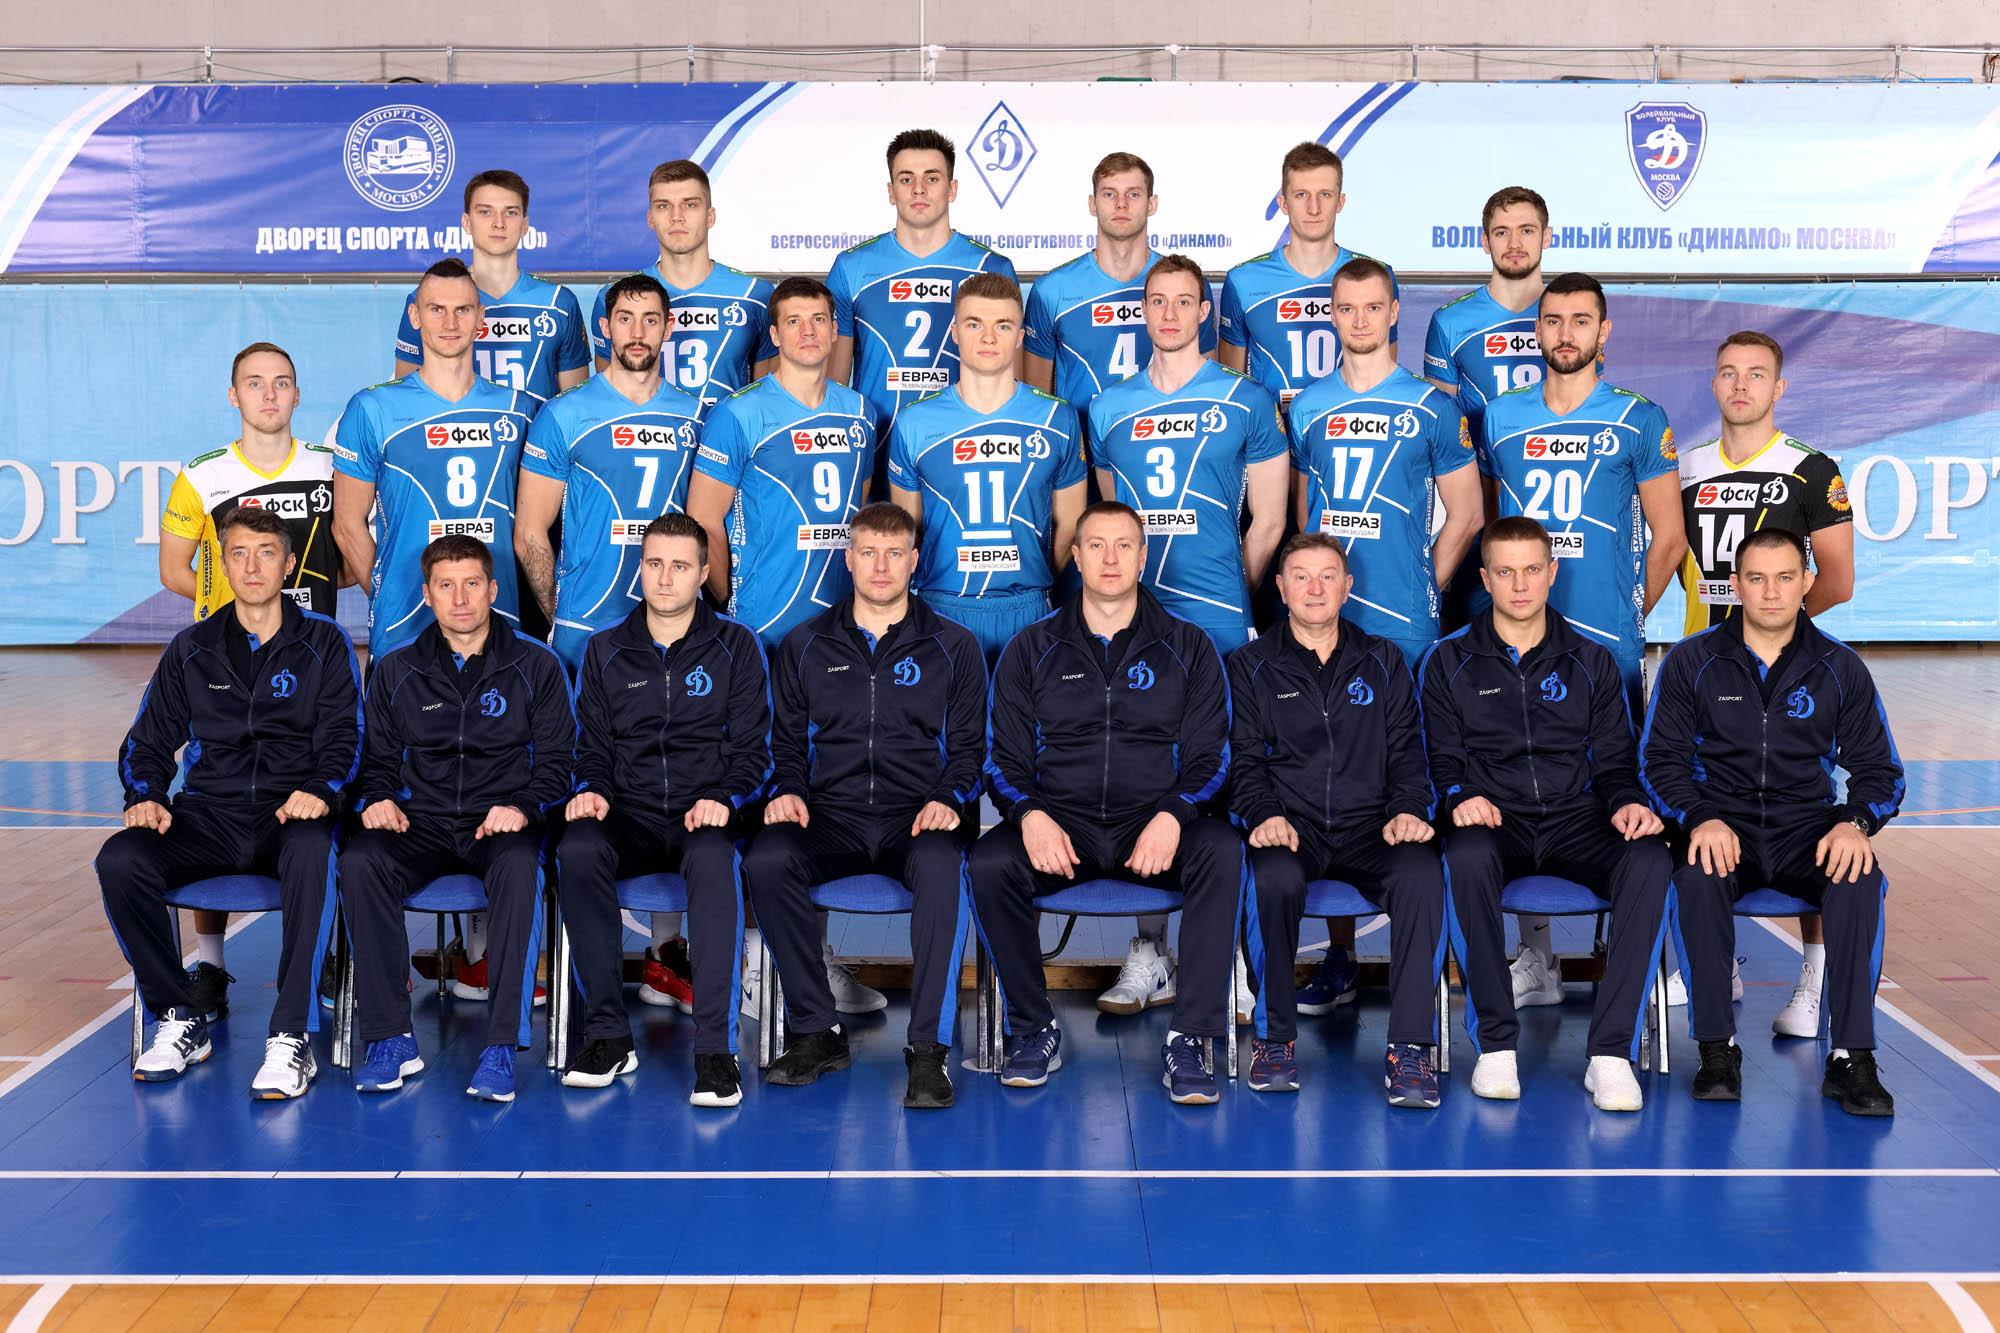 Волейбольный клуб динамо москва состав команды enjoy ночной клуб